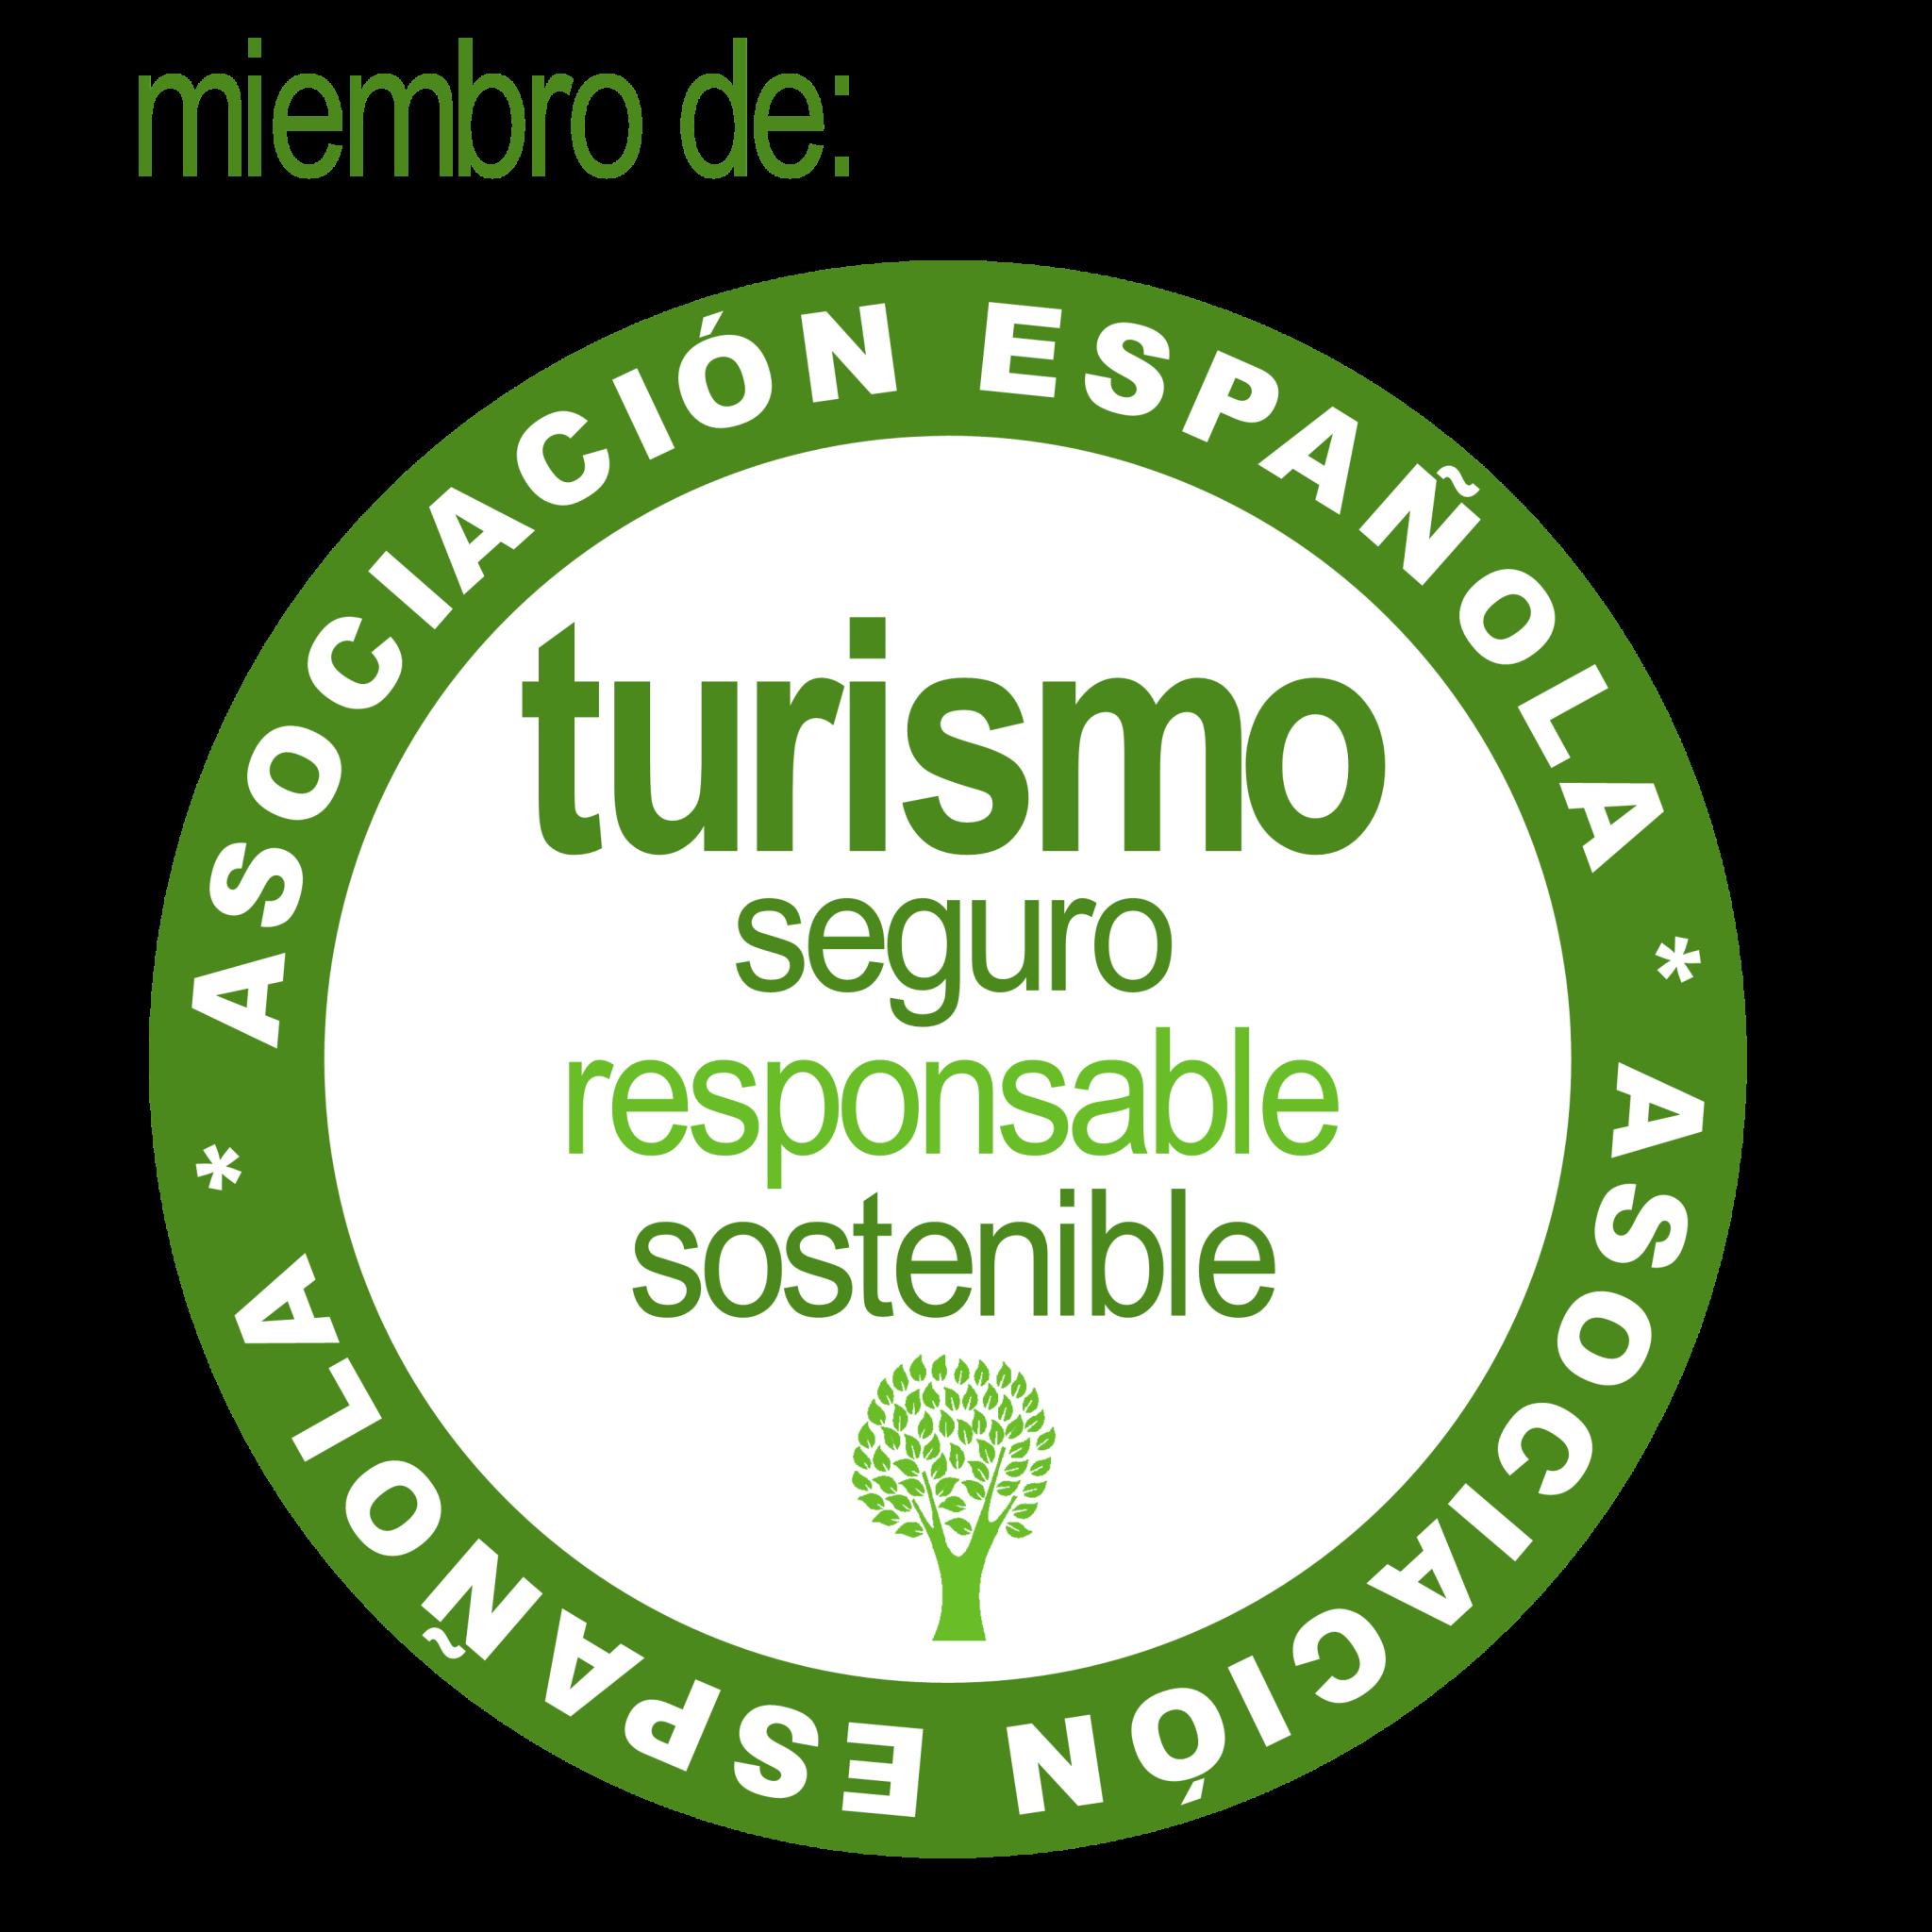 LOGO Responsible tourism green tourism agency Cádiz MIEMBRO FONDO TRANSPARENTE